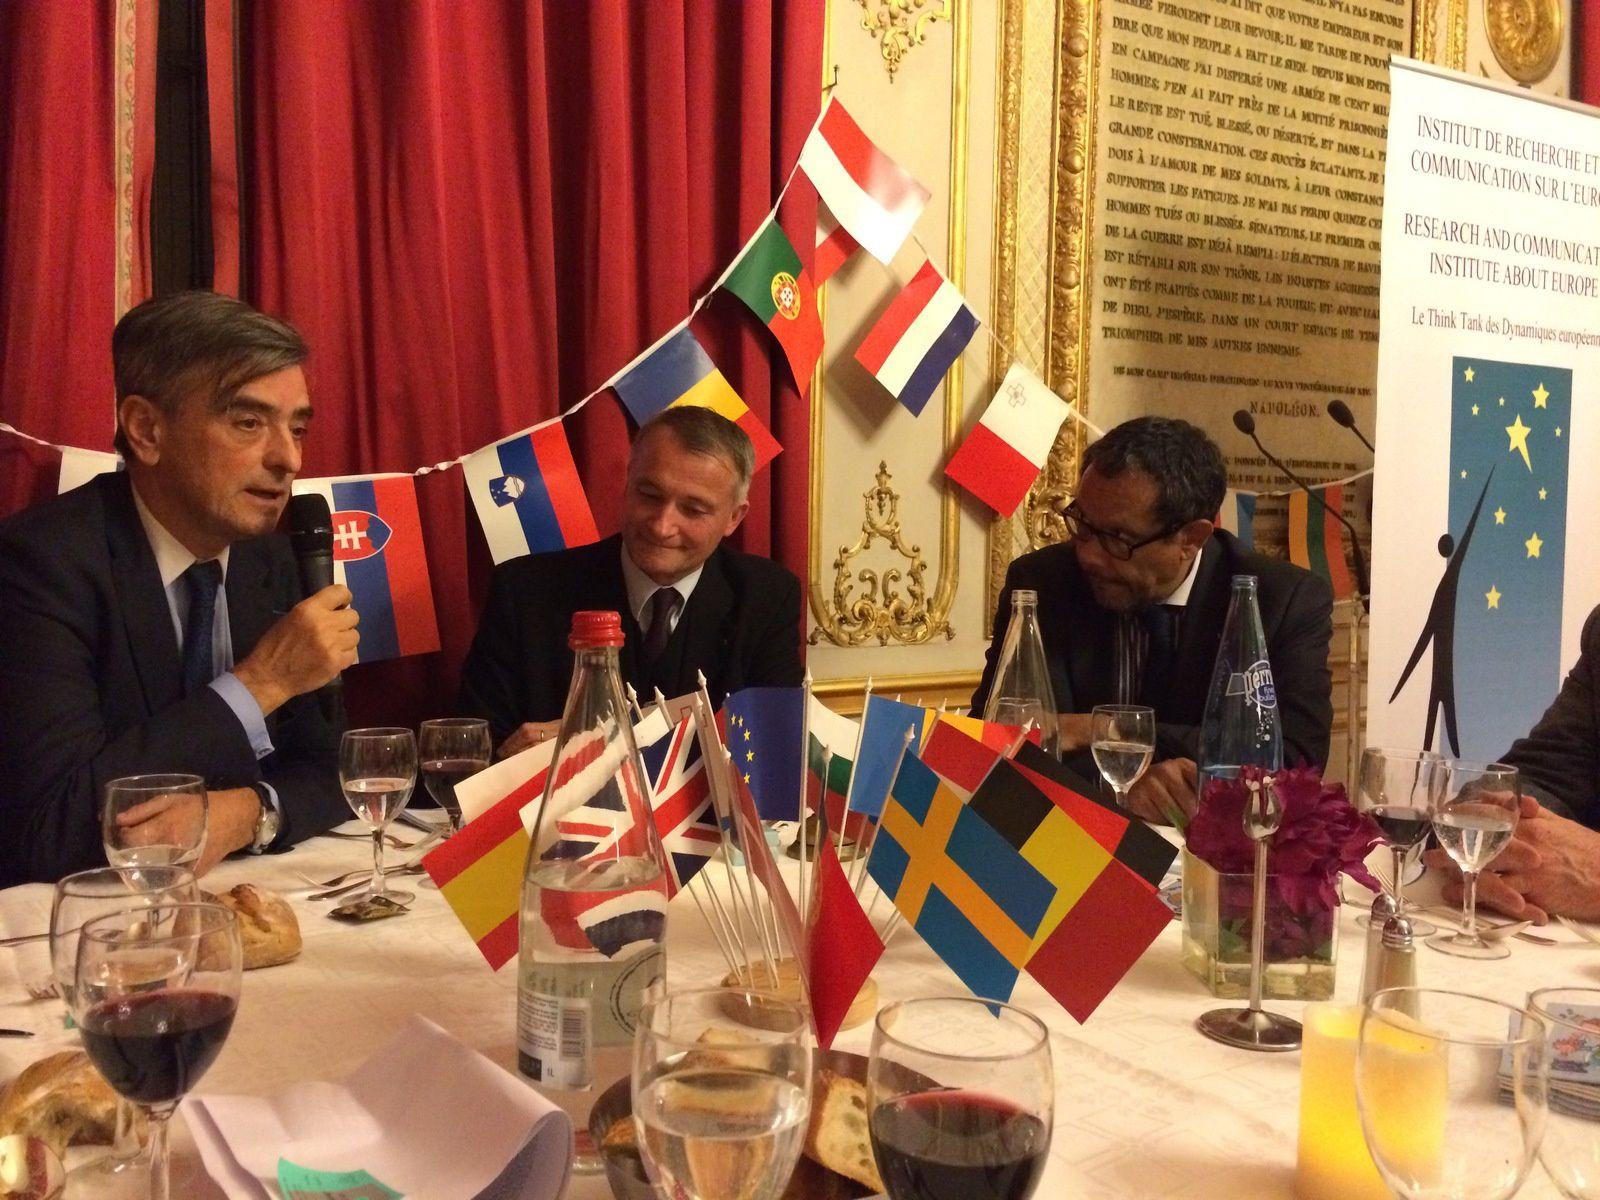 24 MARS : Dîner au Sénat avec S.E M. l'Ambassadeur de Hongrie sur le thème « la Hongrie et la conservation de certaines valeurs, notamment chrétiennes, au sein de l'Union européenne »